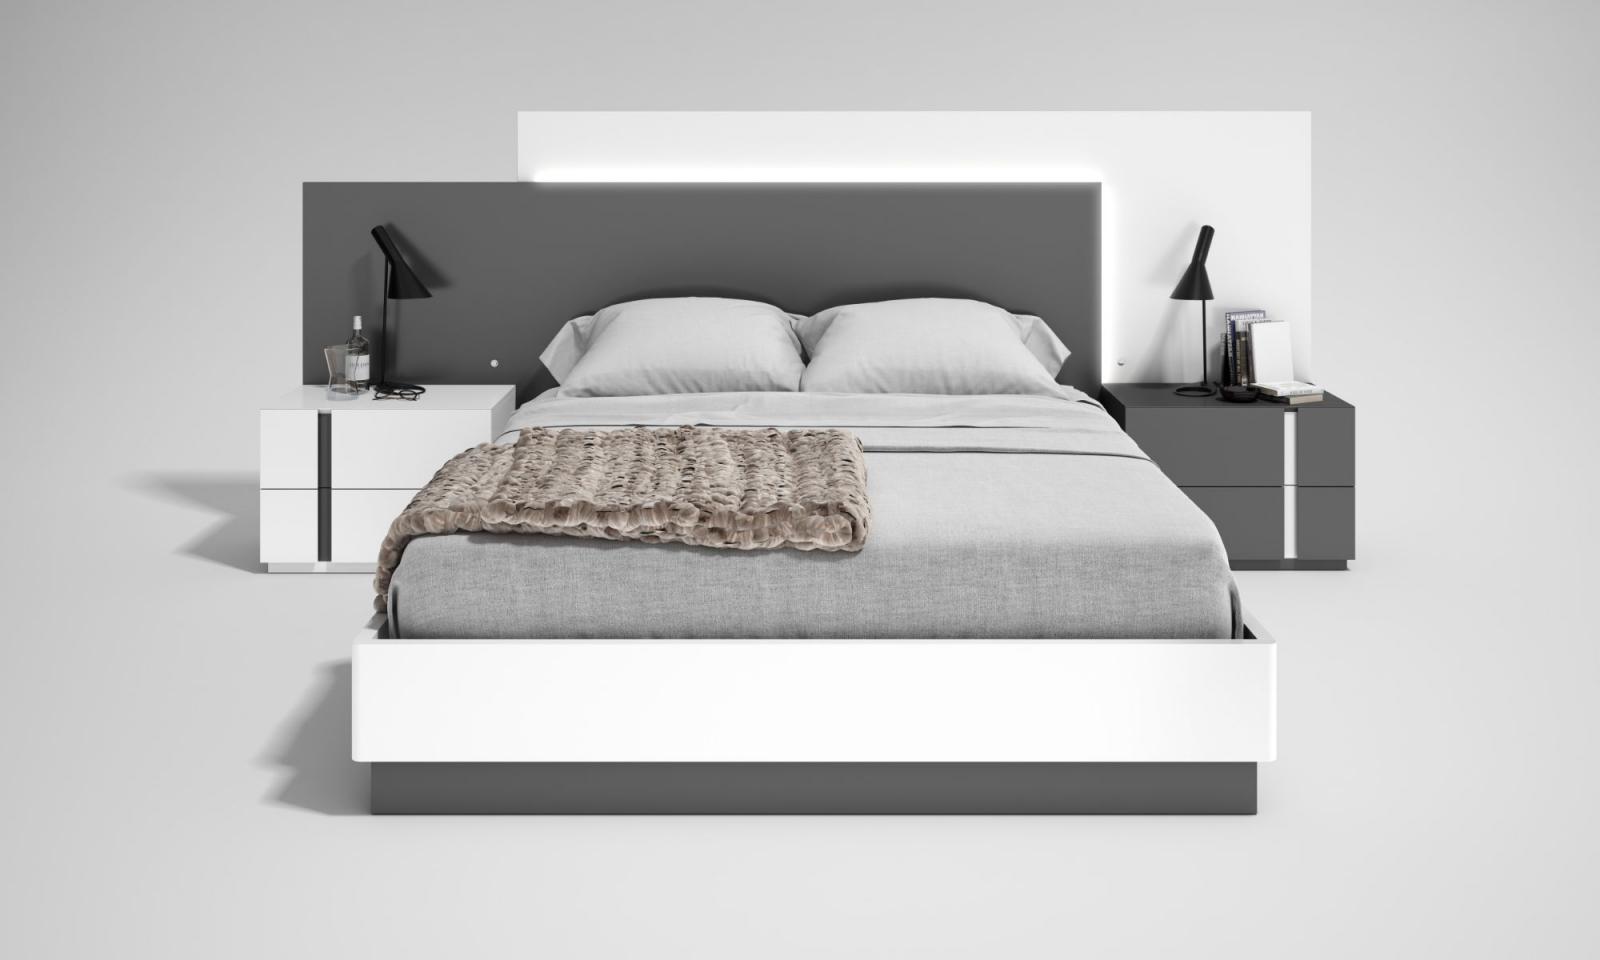 Conjunto de Dormitorio FREE-4 - Conjunto de Dormitorio FREE-4